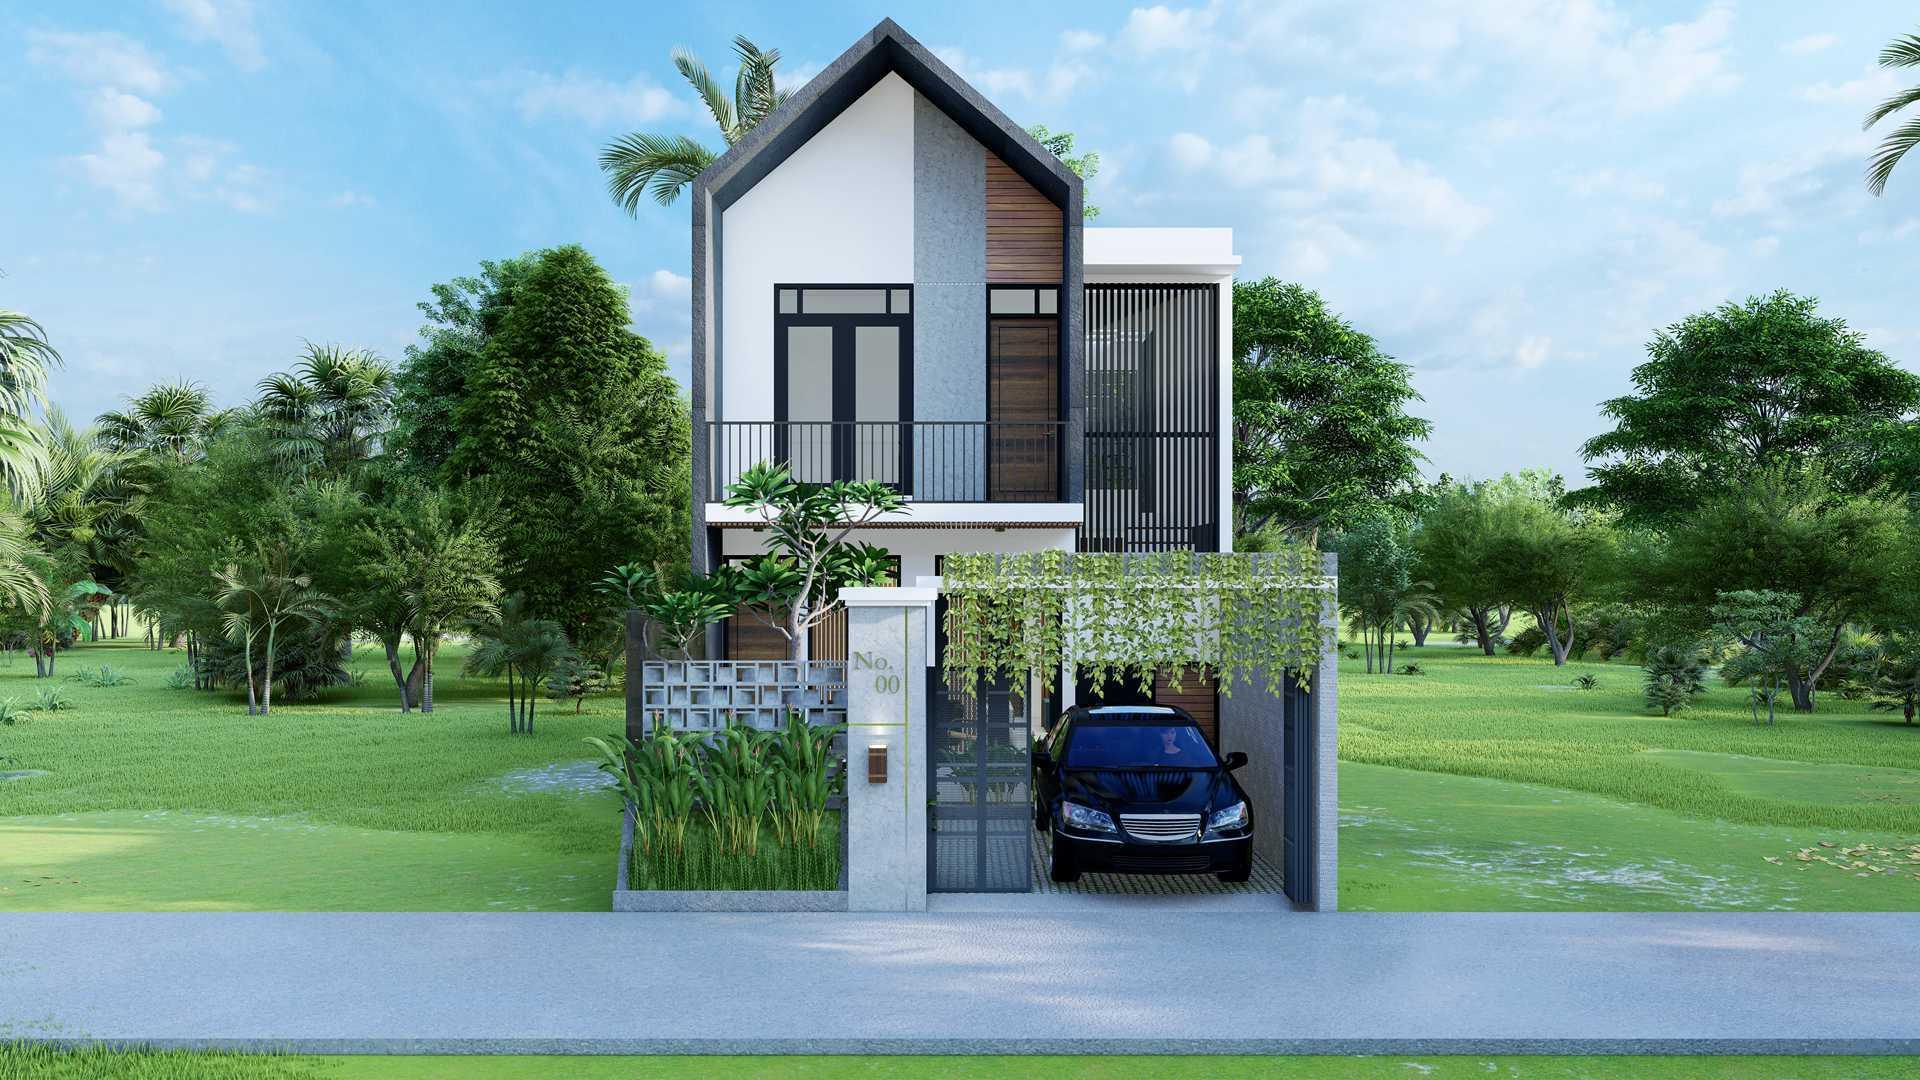 I Gede Yogiantara D. A Rumah Tinggal Pak Yusuf Kota Denpasar, Bali, Indonesia Kota Denpasar, Bali, Indonesia I-Gede-Yogiantara-D-A-Rumah-Tinggal-Pak-Yusuf  109956